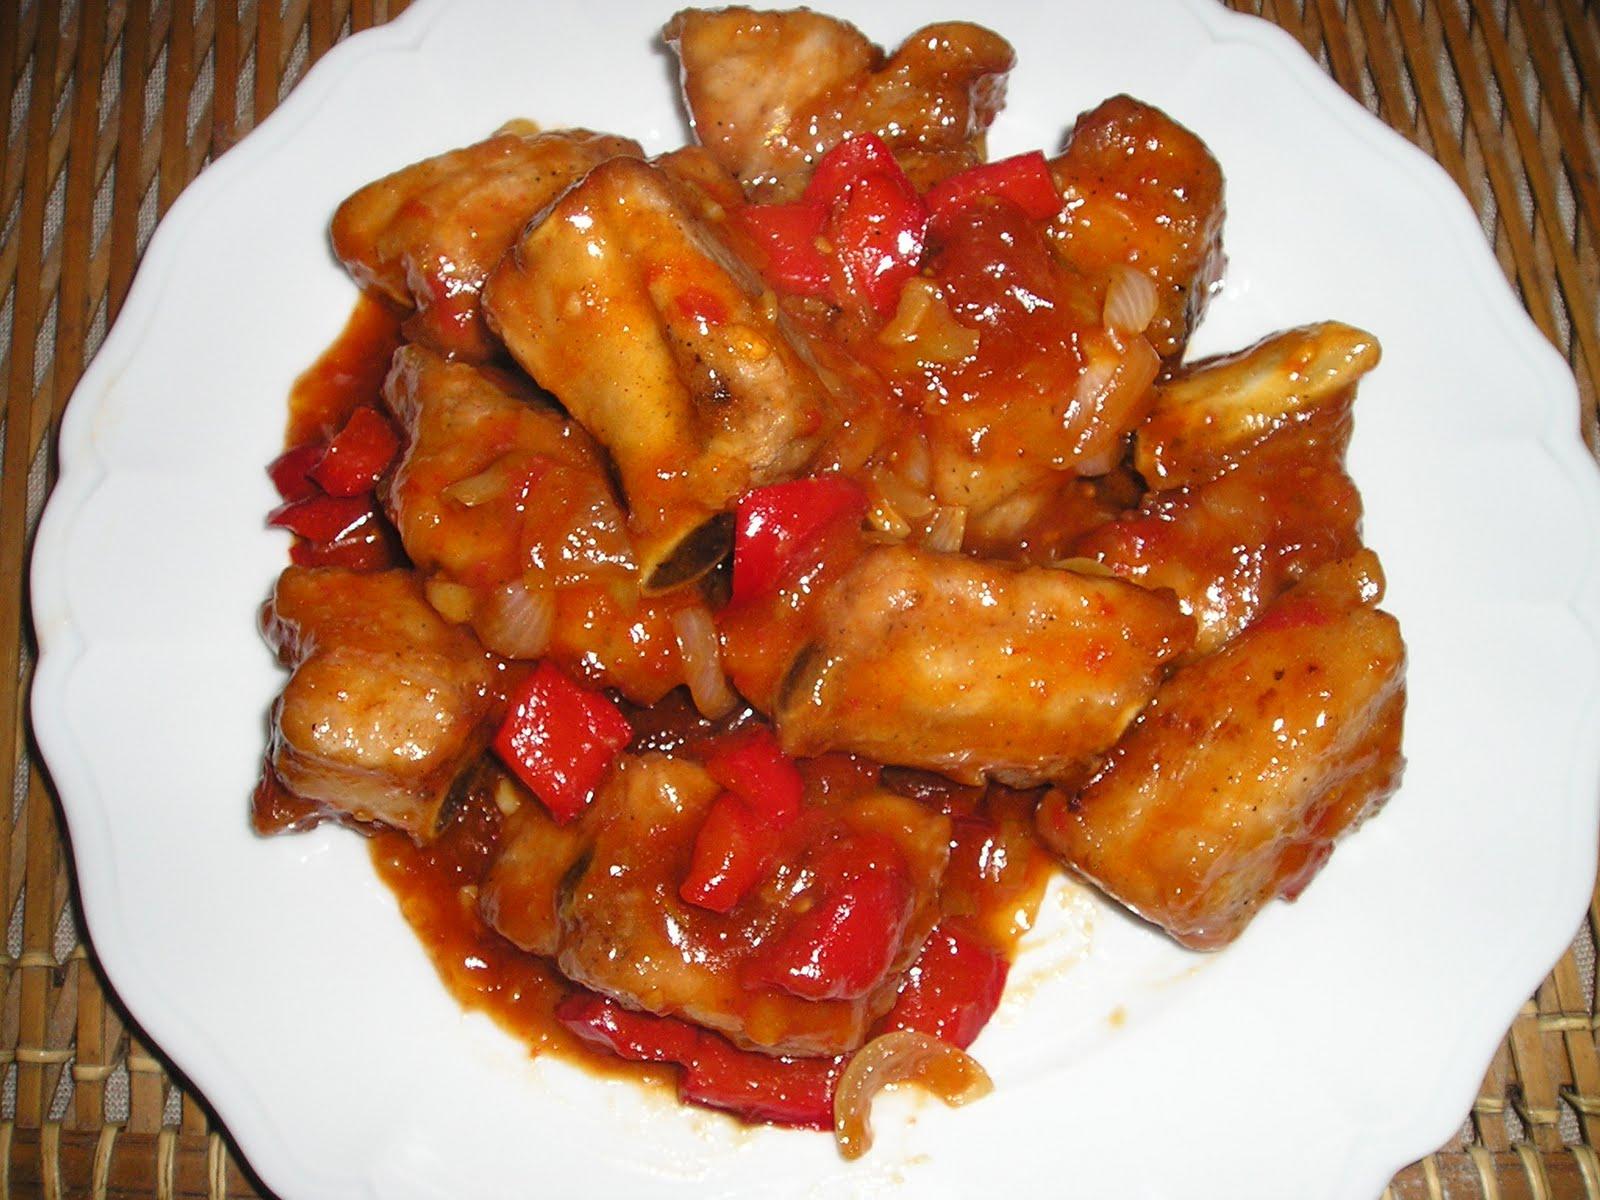 Le canard du m kong travers de porc sauce aigre douce - Blog recette de cuisine asiatique ...